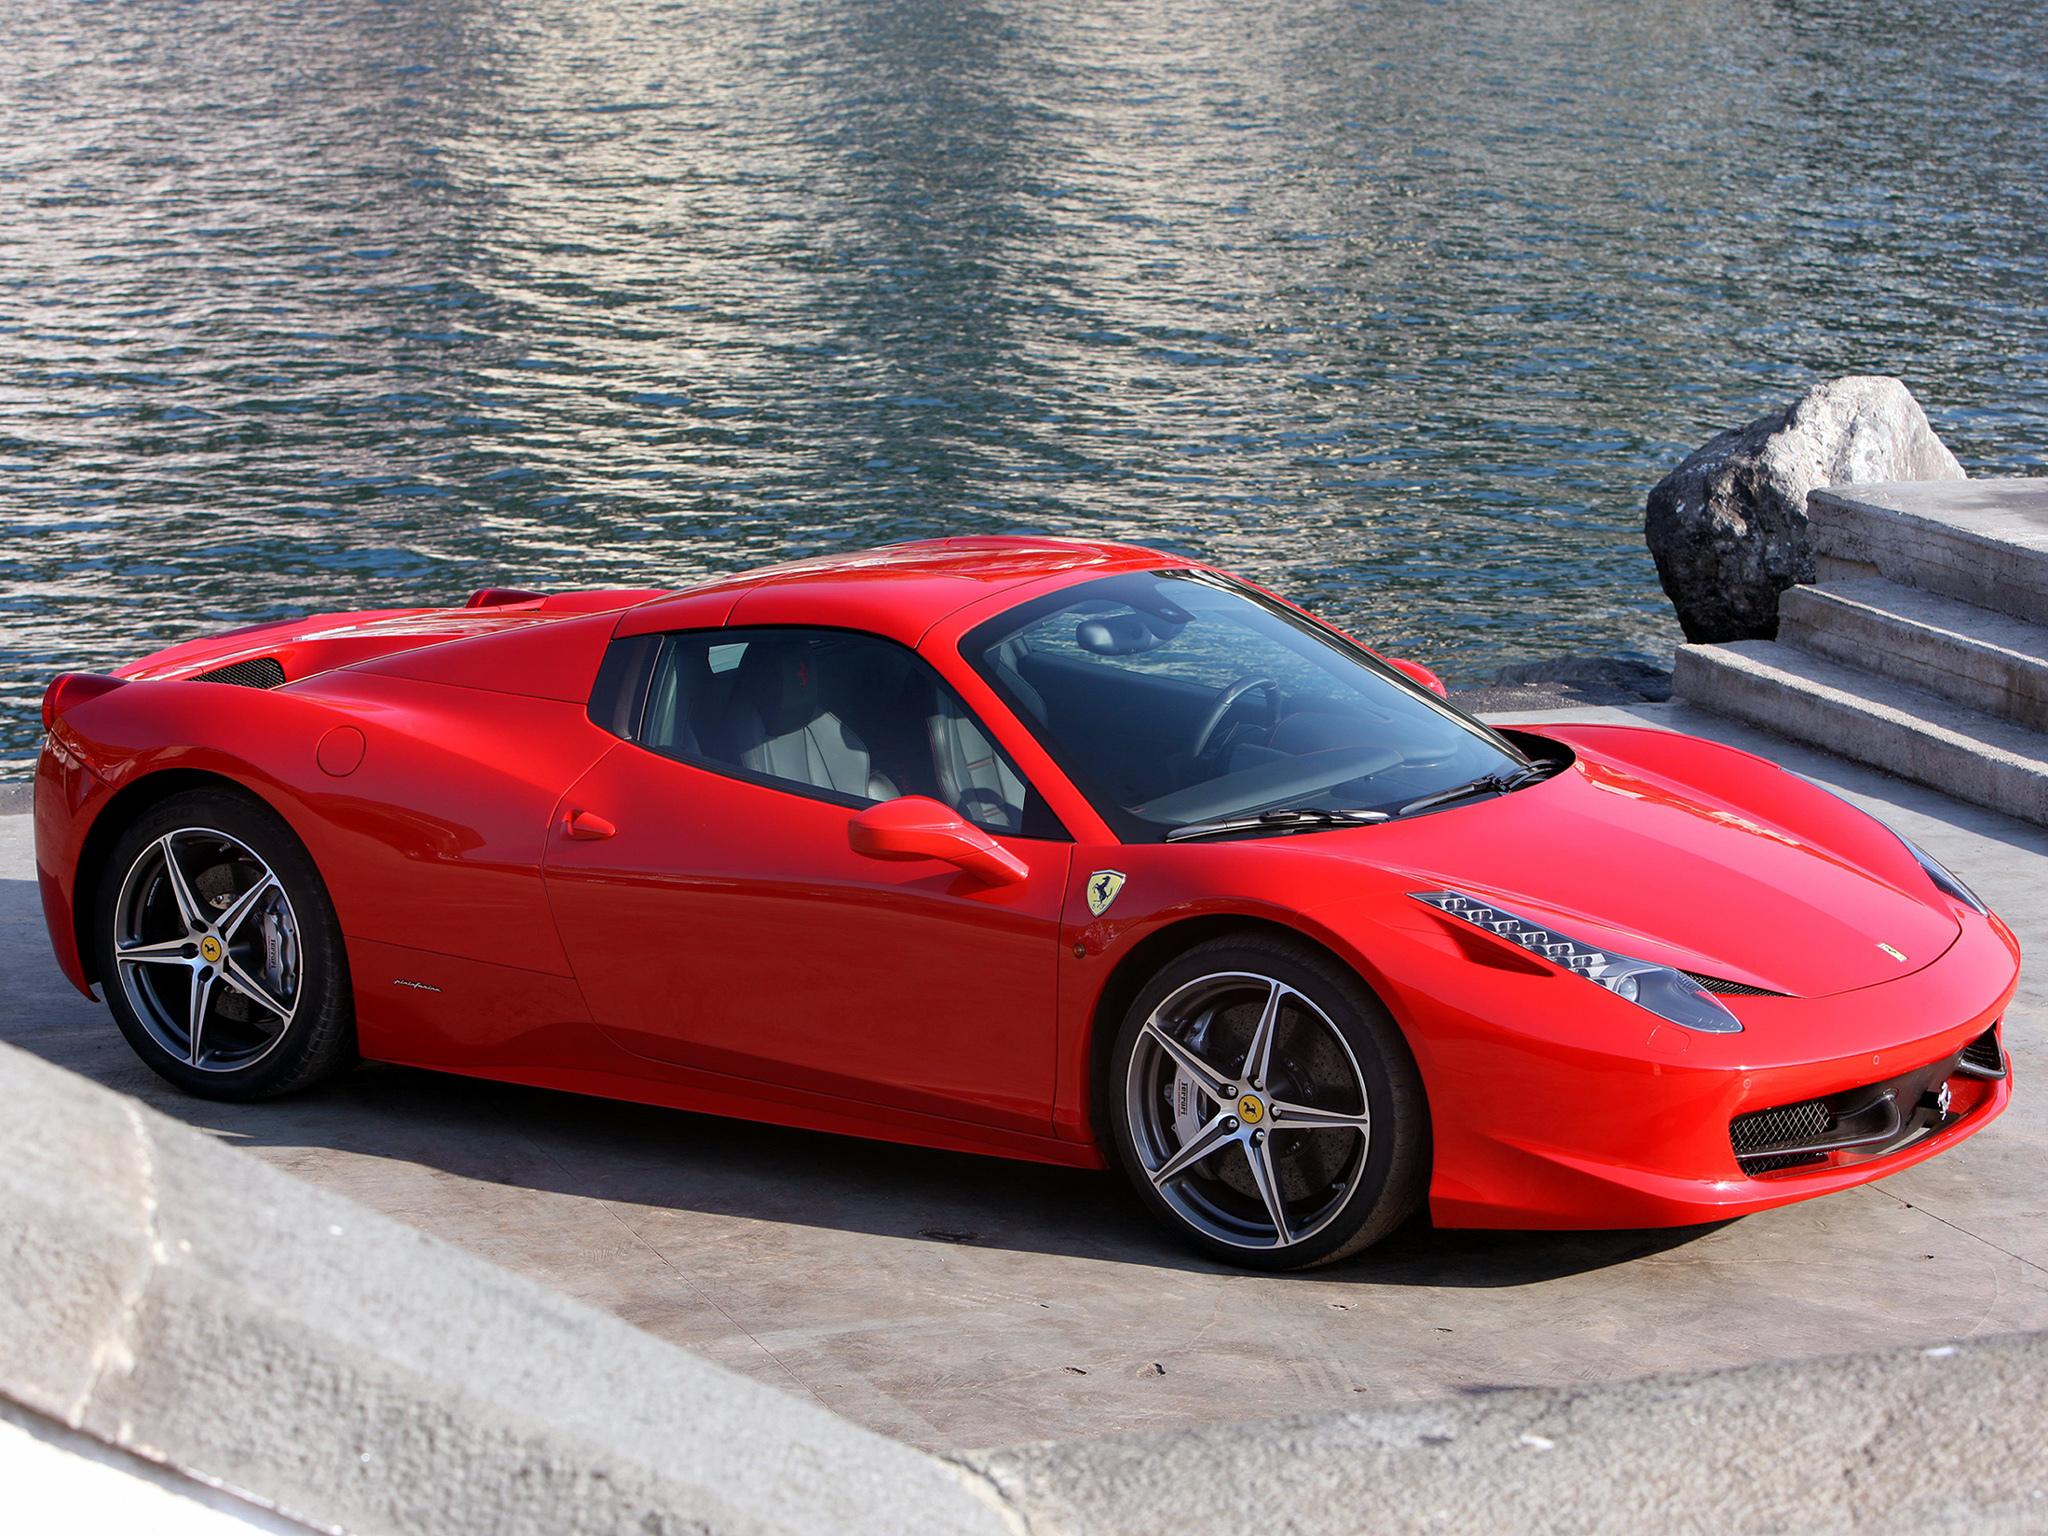 63136 скачать обои Тачки (Cars), Феррари (Ferrari), 458 Italia, Spider, Красный, Машины, Берег - заставки и картинки бесплатно